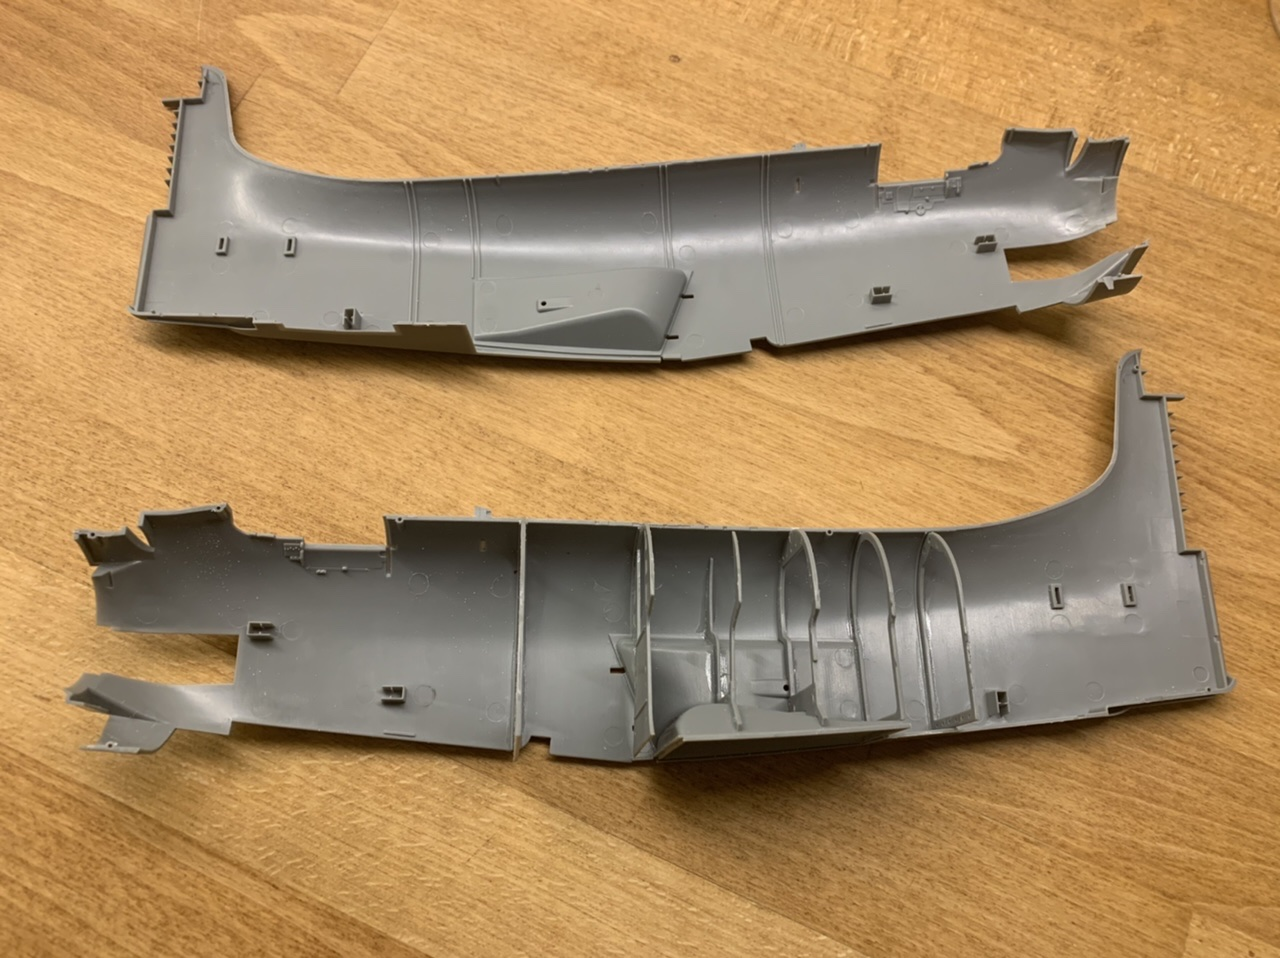 B9B7433C-9C82-491E-AA64-61C4F0D0AE6C.jpeg